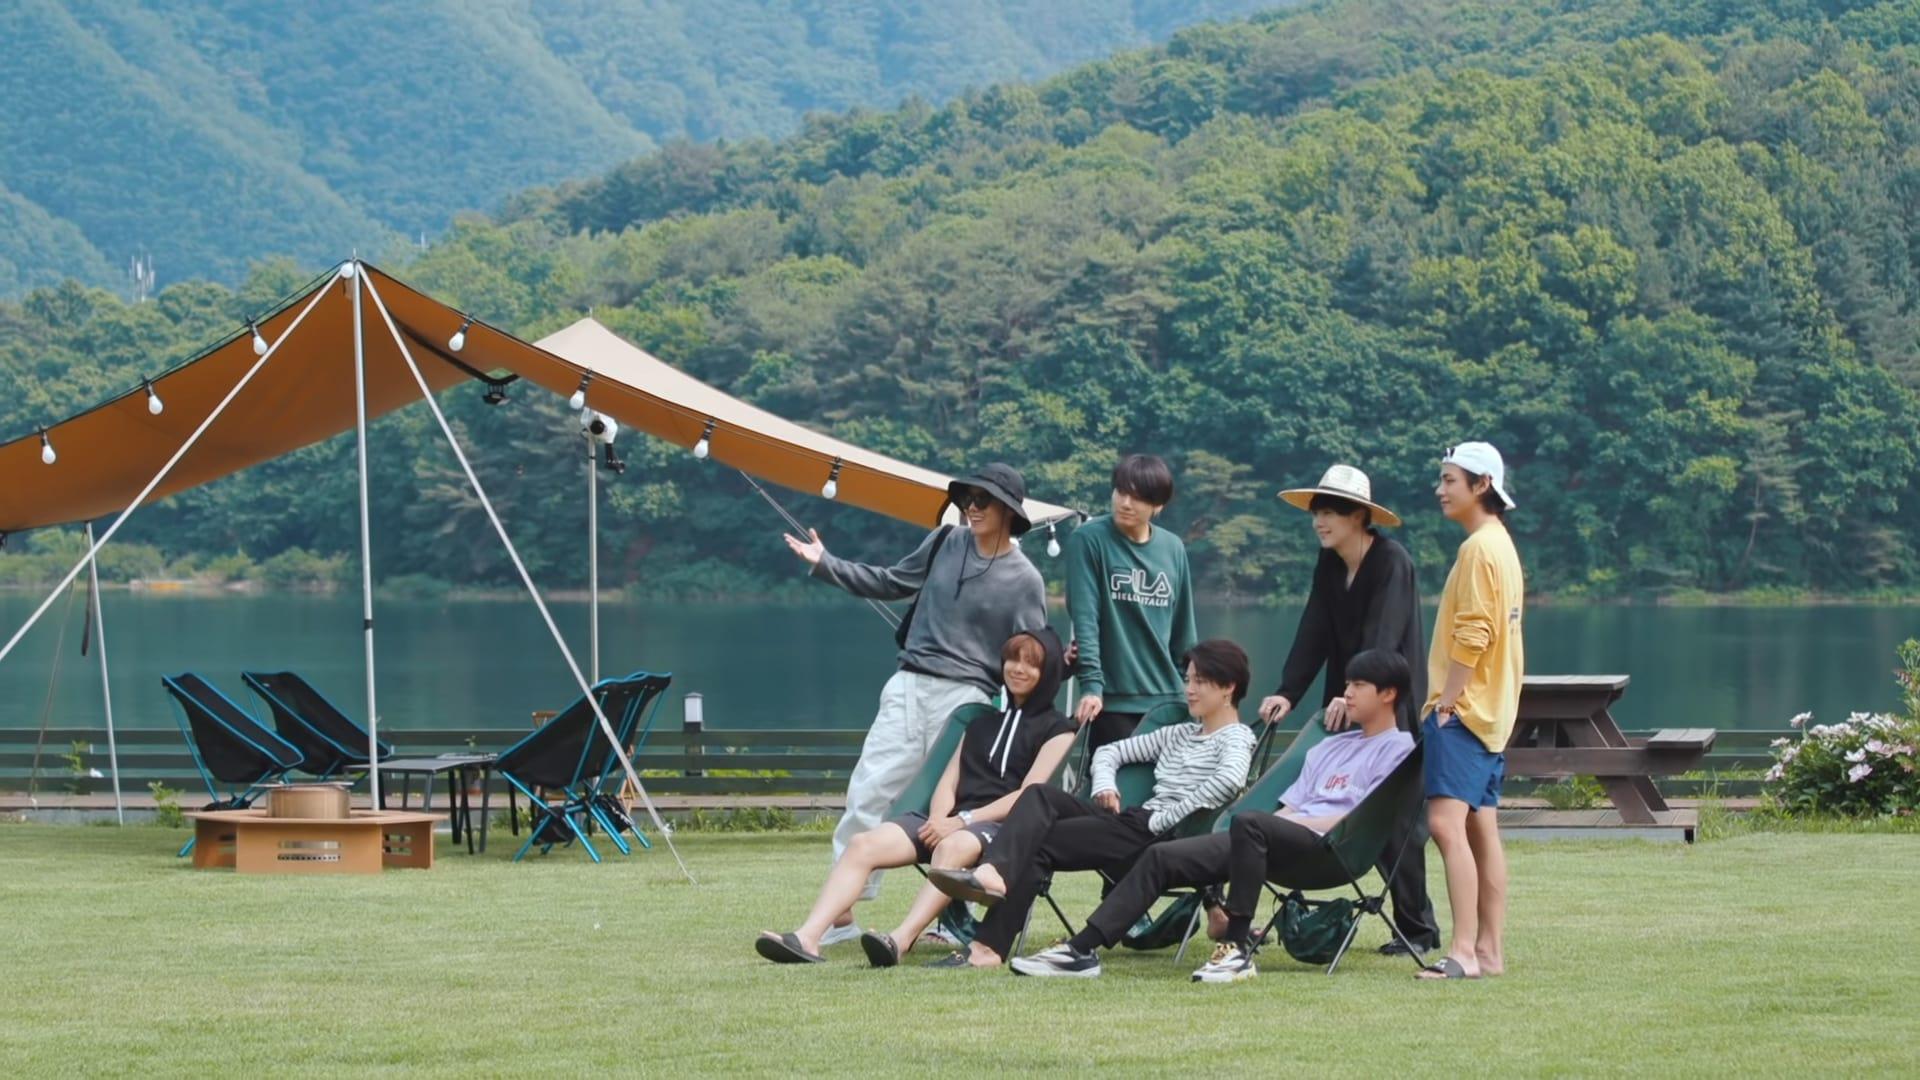 BTS 'In the Soop' ver. Episode 4 – Episode 4 (Part 2 )